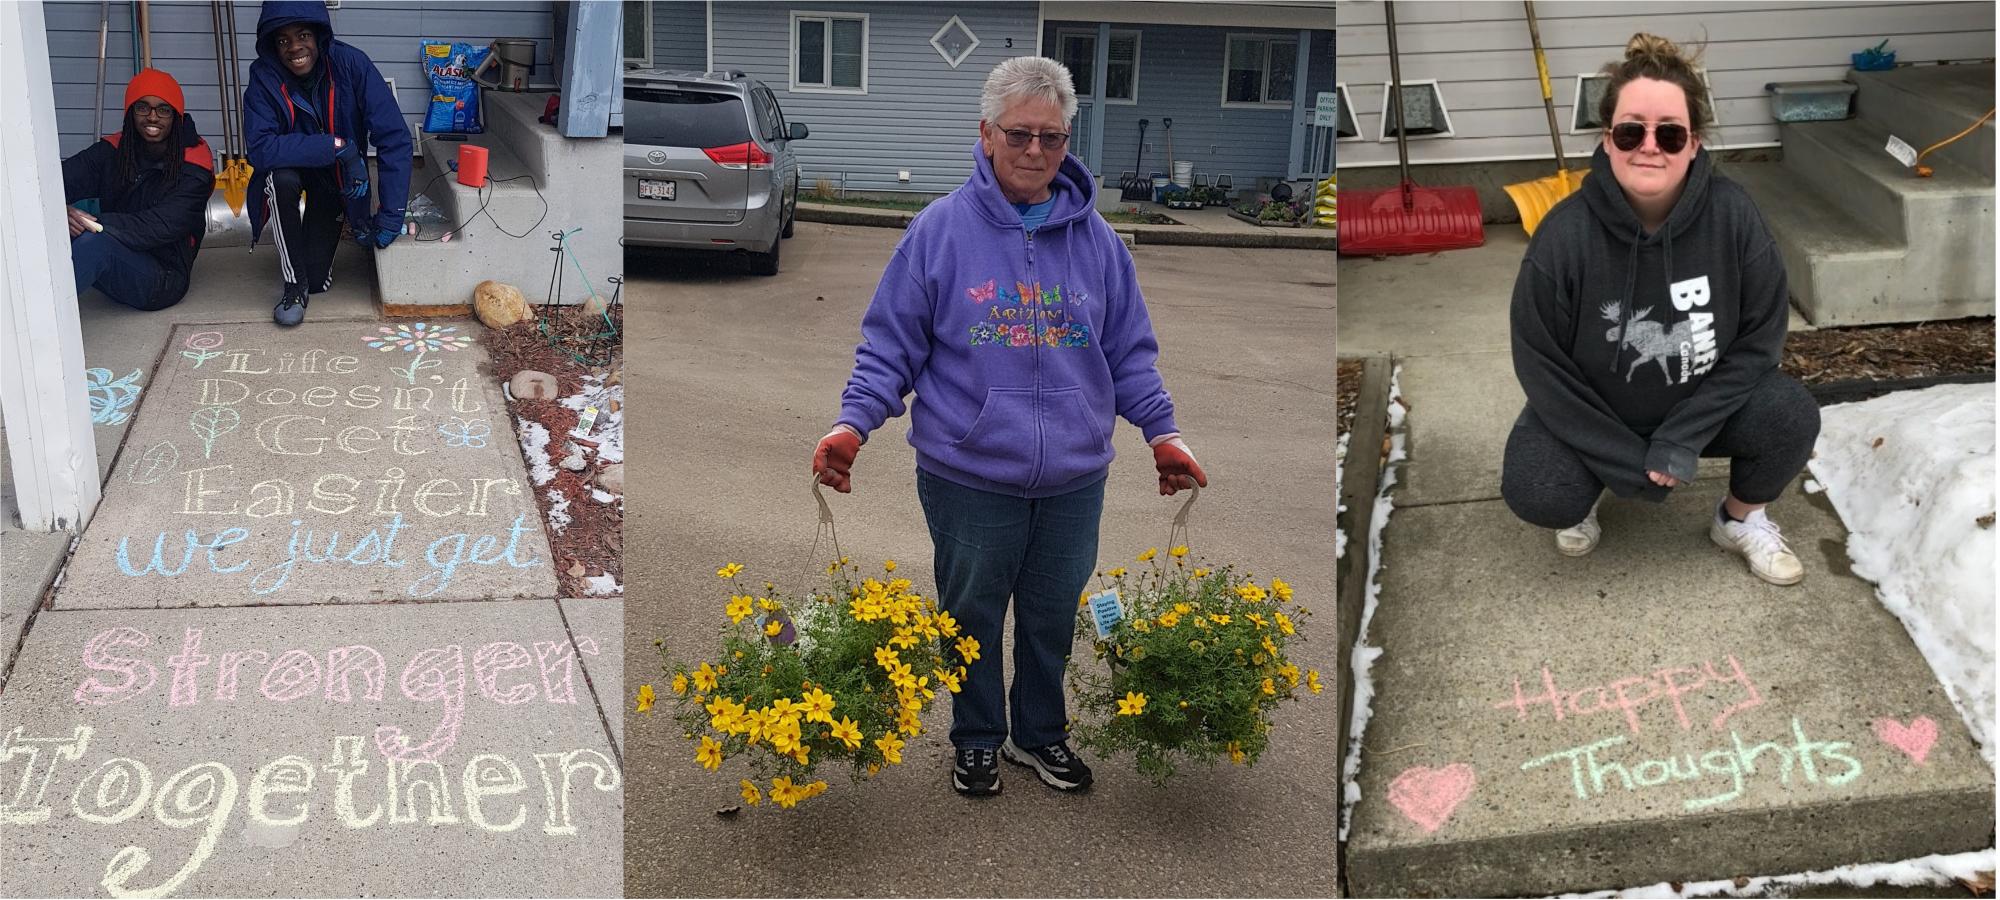 #HumainsHabitationCoopérative: Des fleurs et d'autres initiatives attentionnées à la Brittany Lane Co-op